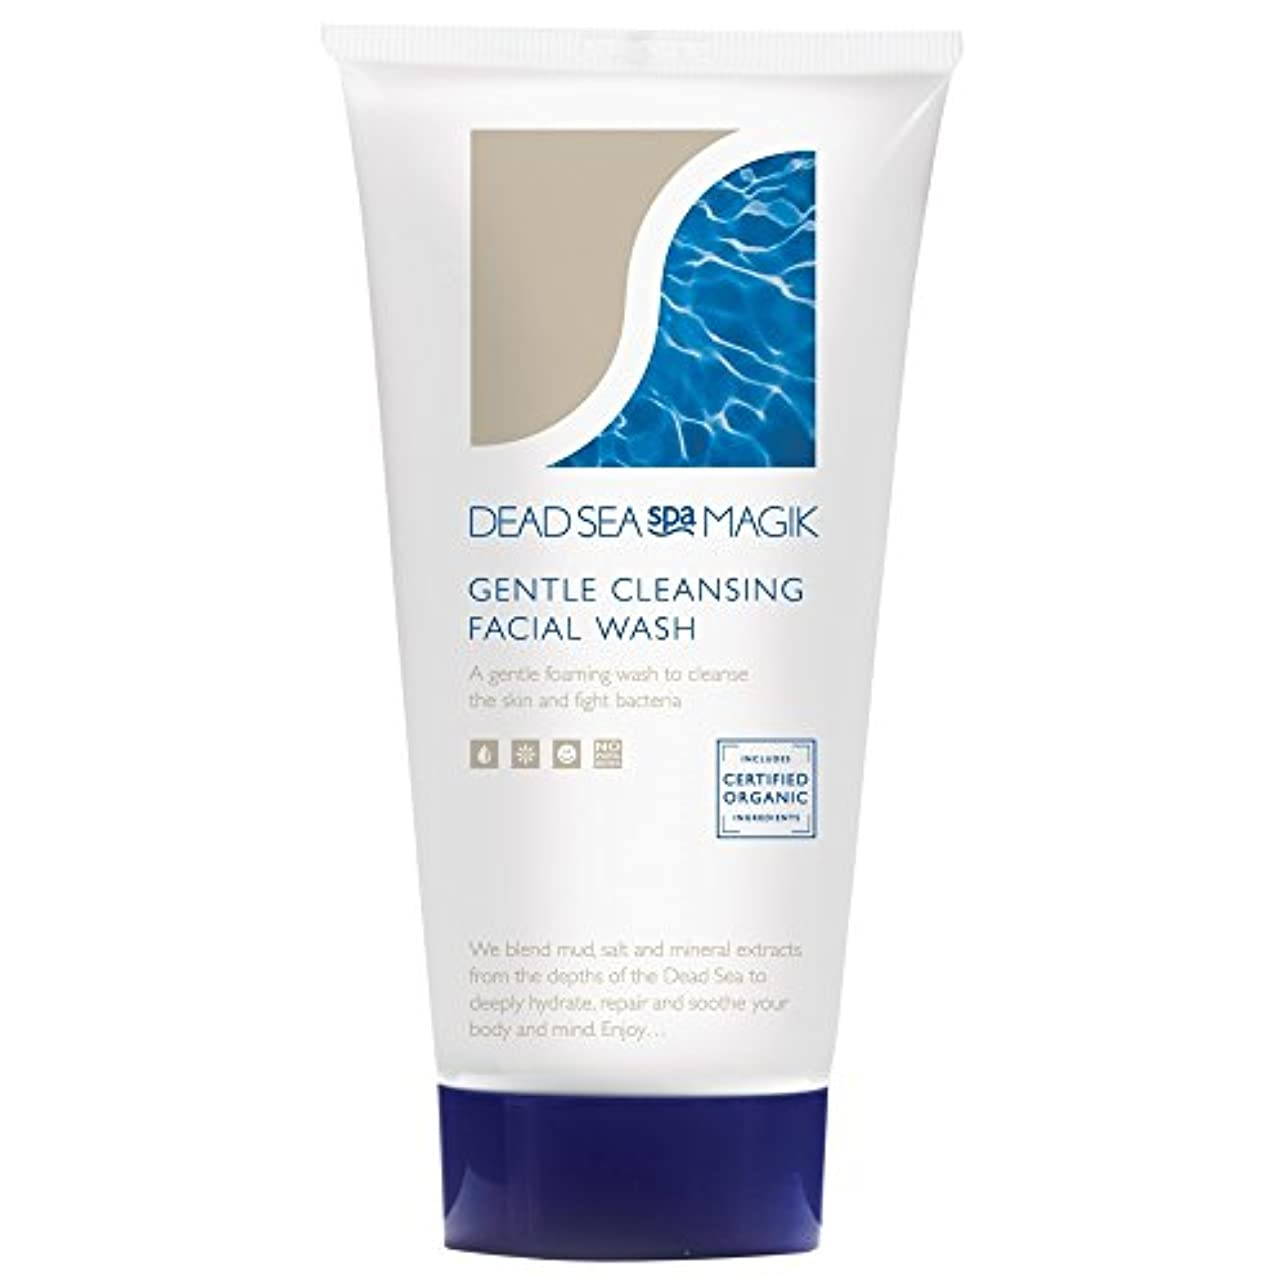 凍った詳細な緊急死海のスパマジック洗顔料、150ミリリットル (Dead Sea Spa Magik) (x2) - Dead Sea Spa Magik Facial Wash, 150ml (Pack of 2) [並行輸入品]